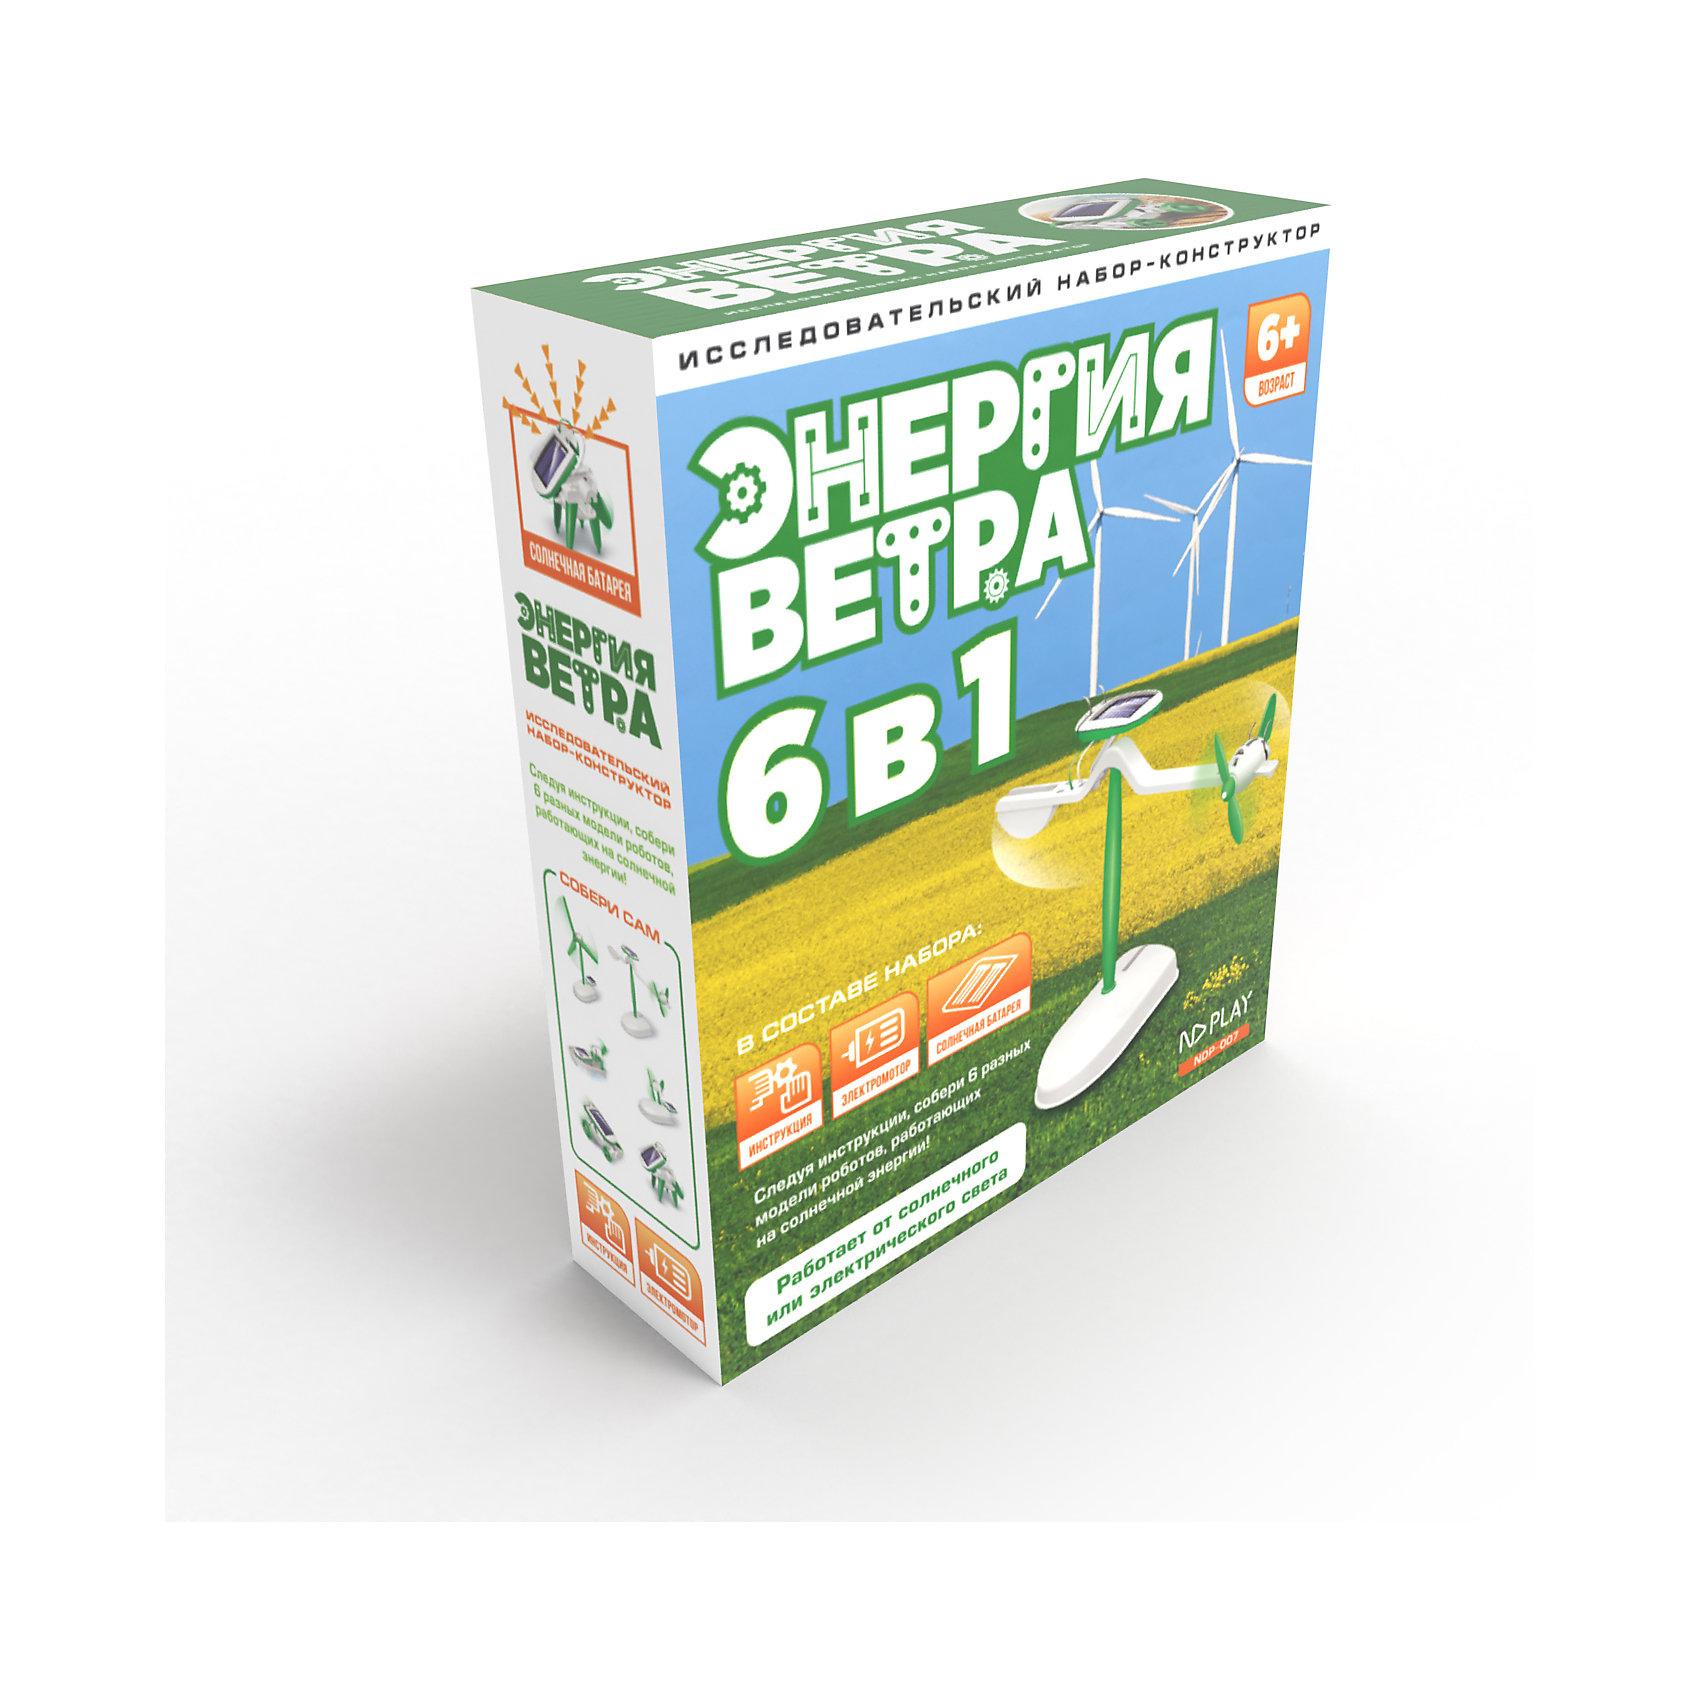 Энергия ветра, 6 в 1Робототехника<br>Характеристики товара:<br><br>• возраст: от 10 лет;<br>• материал: пластик;<br>• в комплекте: 36 деталей;<br>• размер упаковки: 21х18х5,5 см;<br>• вес упаковки: 324 гр.;<br>• страна производитель: Китай.<br><br>Конструктор «Энергия ветра 6 в 1» ND Play позволит детям не только увлекательно провести время, но и поможет развить навыки конструирования, познакомит с принципом работы солнечной батареи. В процессе сборки развиваются логическое мышление, смекалка, внимательность, усидчивость. <br><br>Из элементов конструктора собираются 6 механизмов, которые движутся под воздействием солнечной энергии. Все детали выполнены из качественного безопасного пластика и собираются между собой без дополнительных инструментов.<br><br>Конструктор «Энергия ветра 6 в 1» ND Play можно приобрести в нашем интернет-магазине.<br><br>Ширина мм: 180<br>Глубина мм: 55<br>Высота мм: 210<br>Вес г: 234<br>Возраст от месяцев: 120<br>Возраст до месяцев: 2147483647<br>Пол: Мужской<br>Возраст: Детский<br>SKU: 6709643